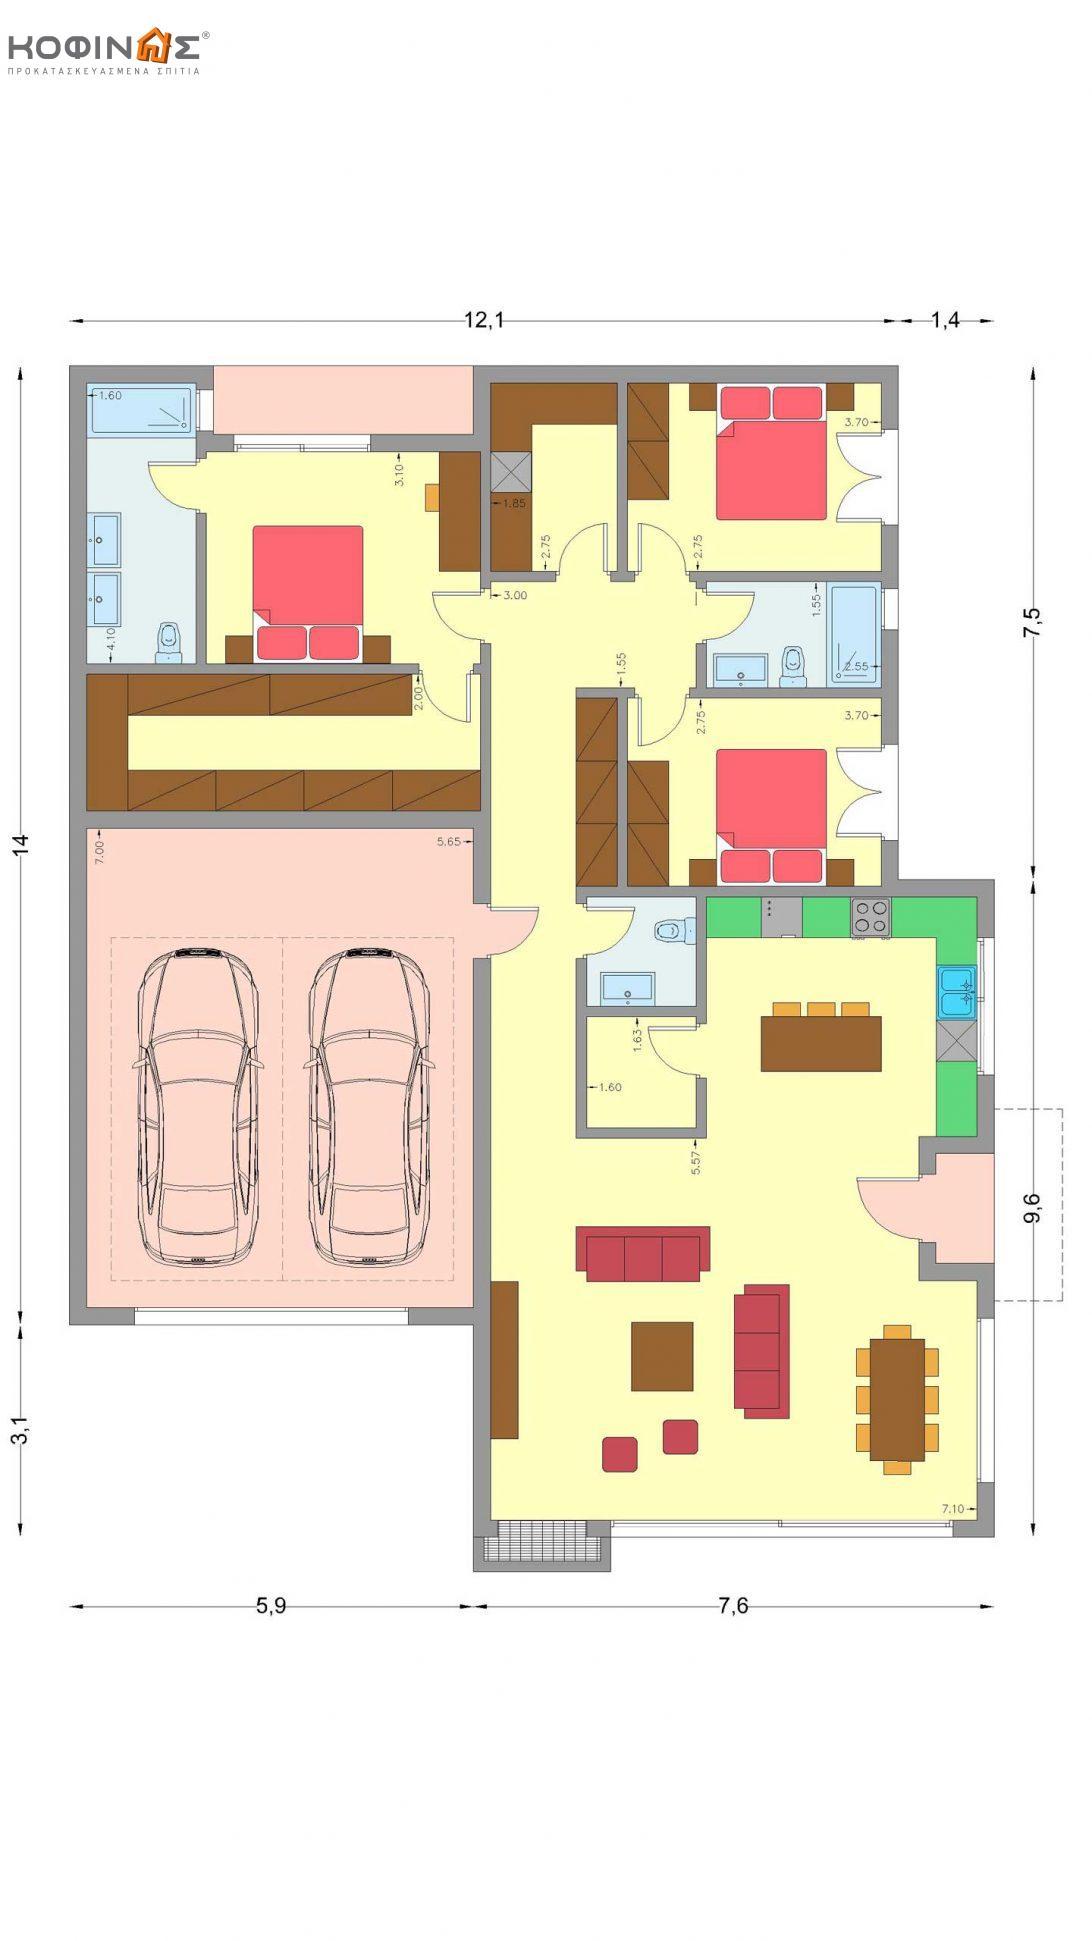 Ισόγεια Κατοικία I-160, συνολικής επιφάνειας 160 τ.μ.